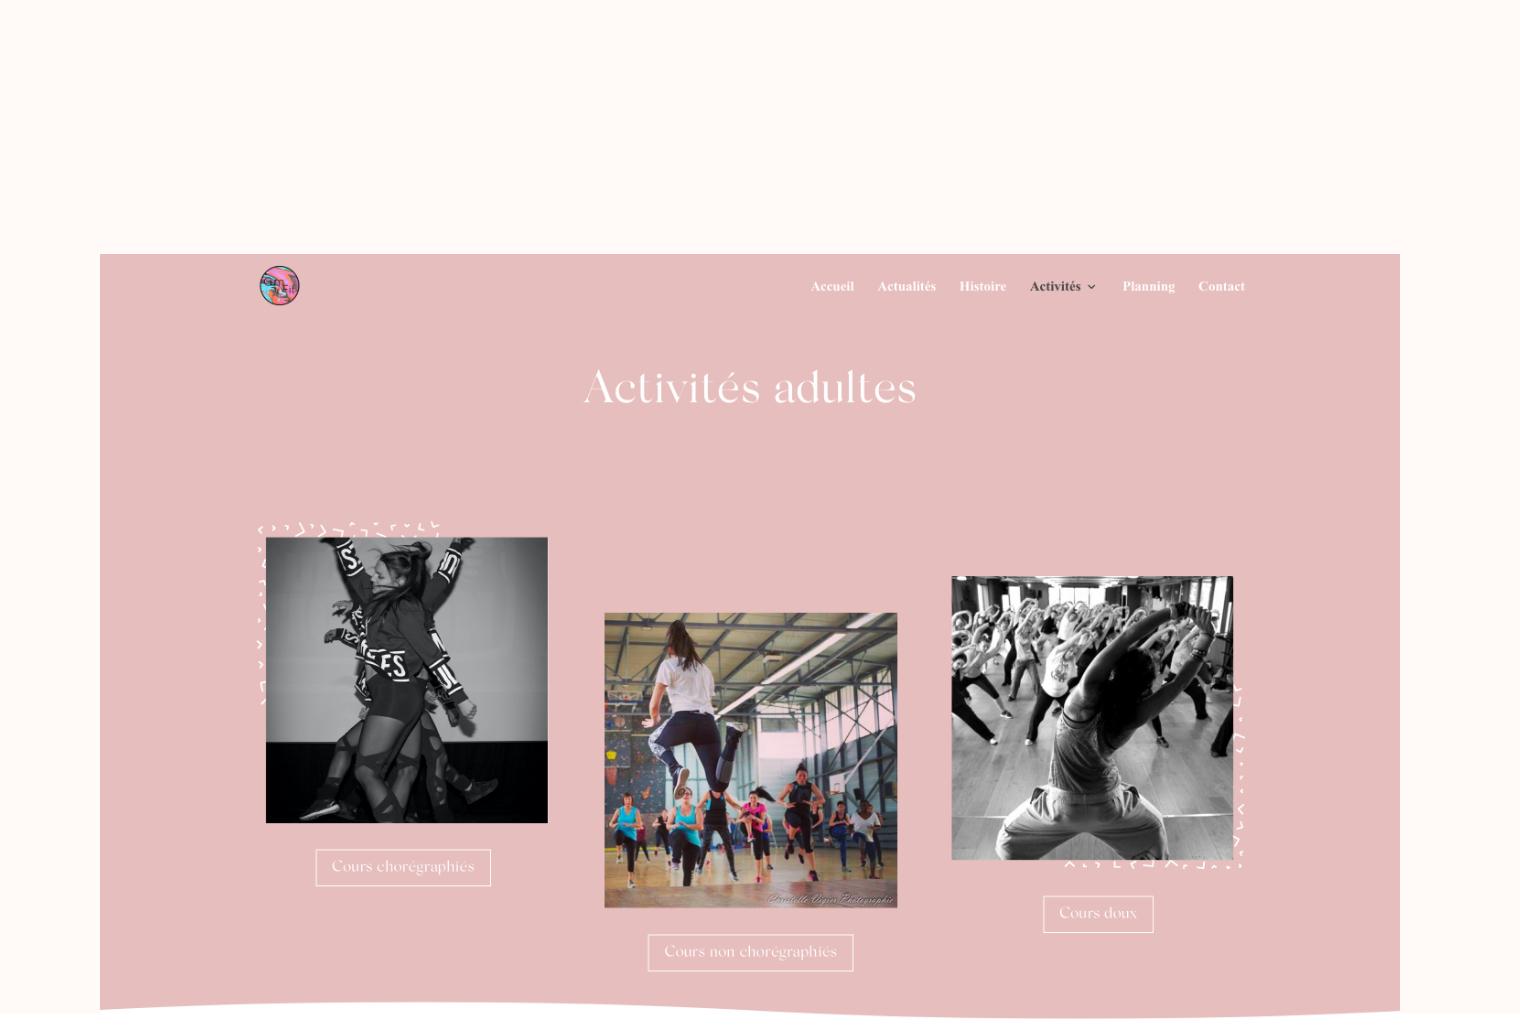 """La page """"activités adultes"""" en version ordinateur du site internet GymFit' Aurensan."""